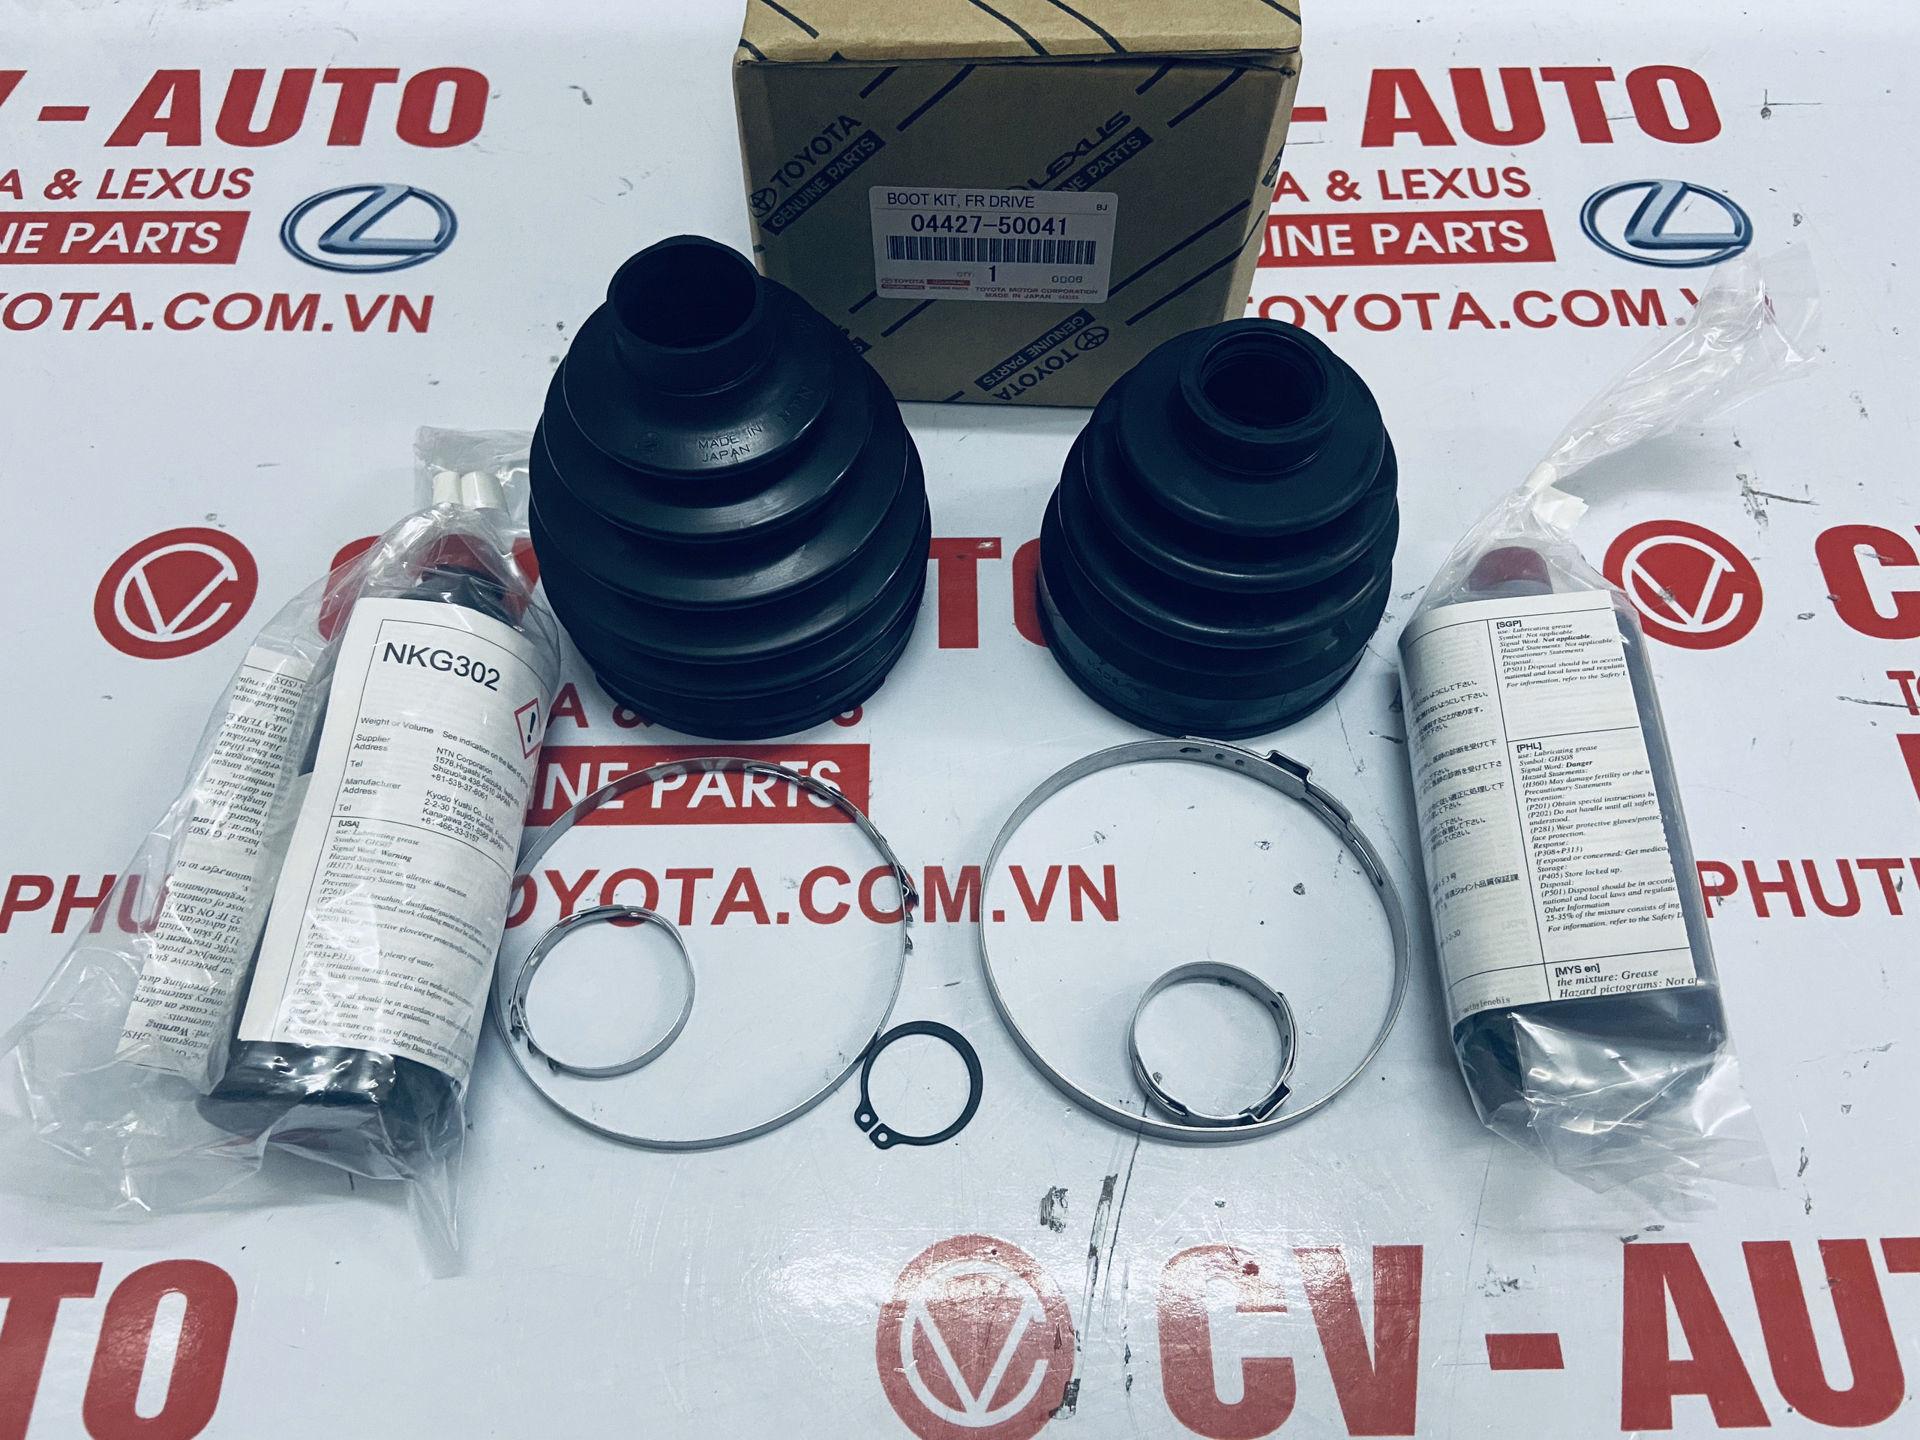 Picture of 04427-50041 Cao su che bụi trục láp Toyota Lexus chính hãng